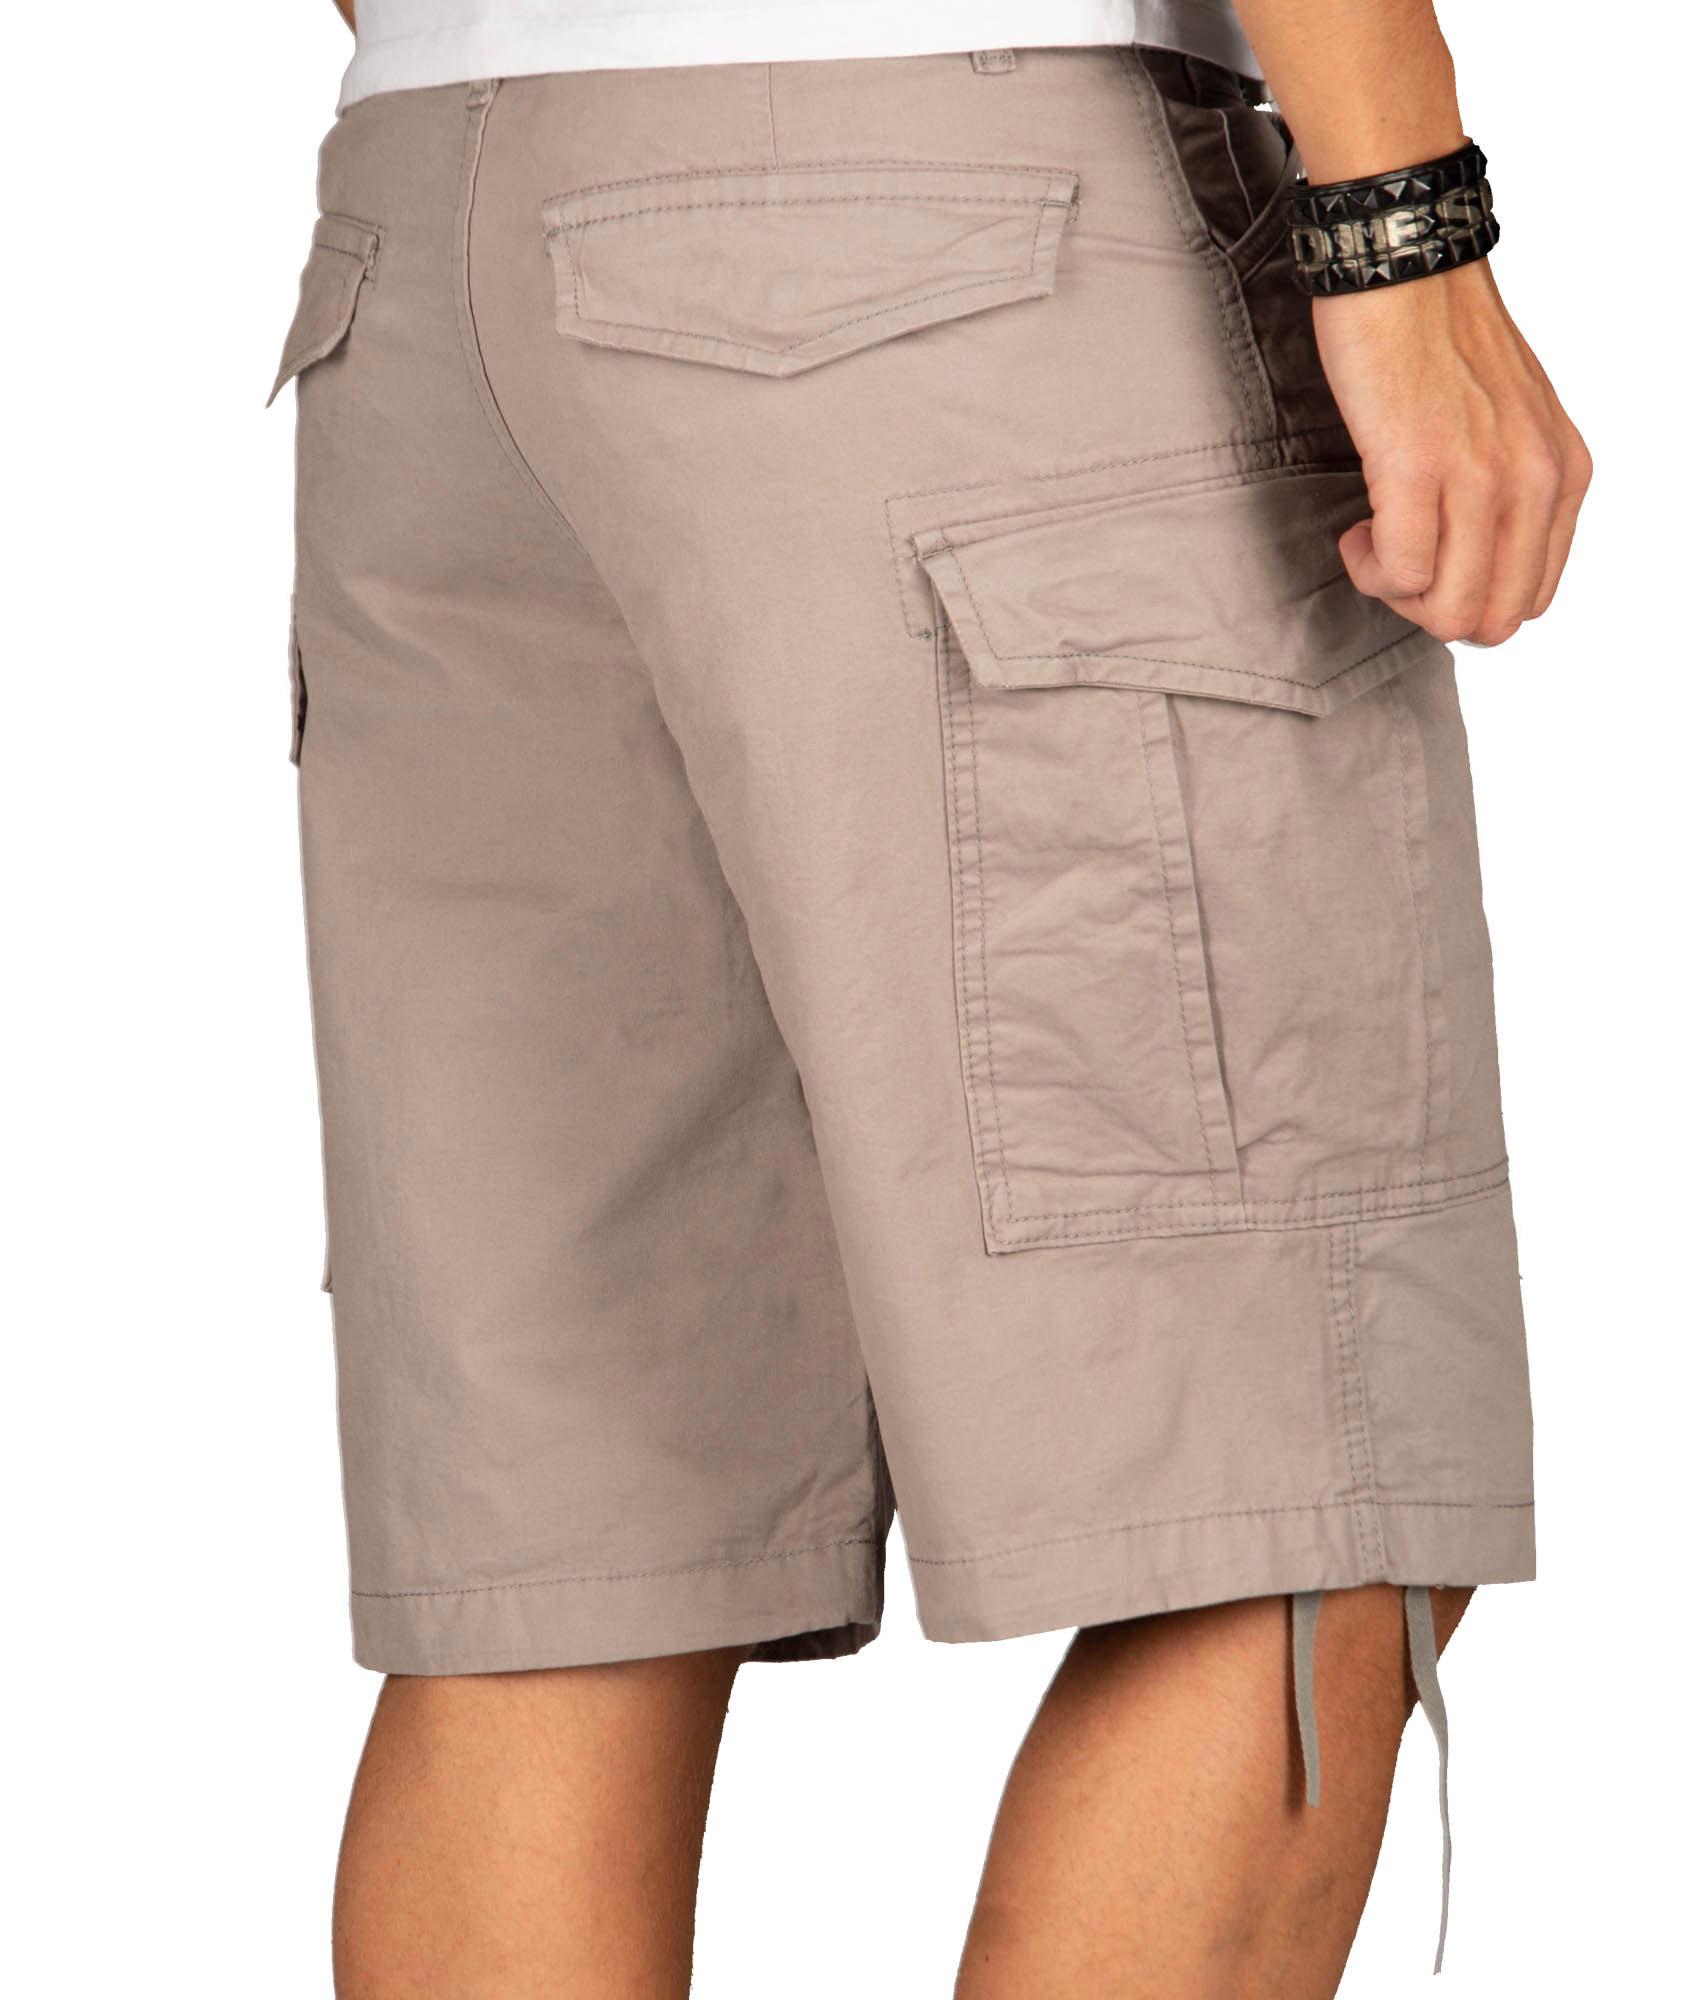 A-Salvarini-Herren-Comfort-Cargo-Shorts-Cargoshorts-kurze-Hose-Guertel-AS133-NEU Indexbild 16